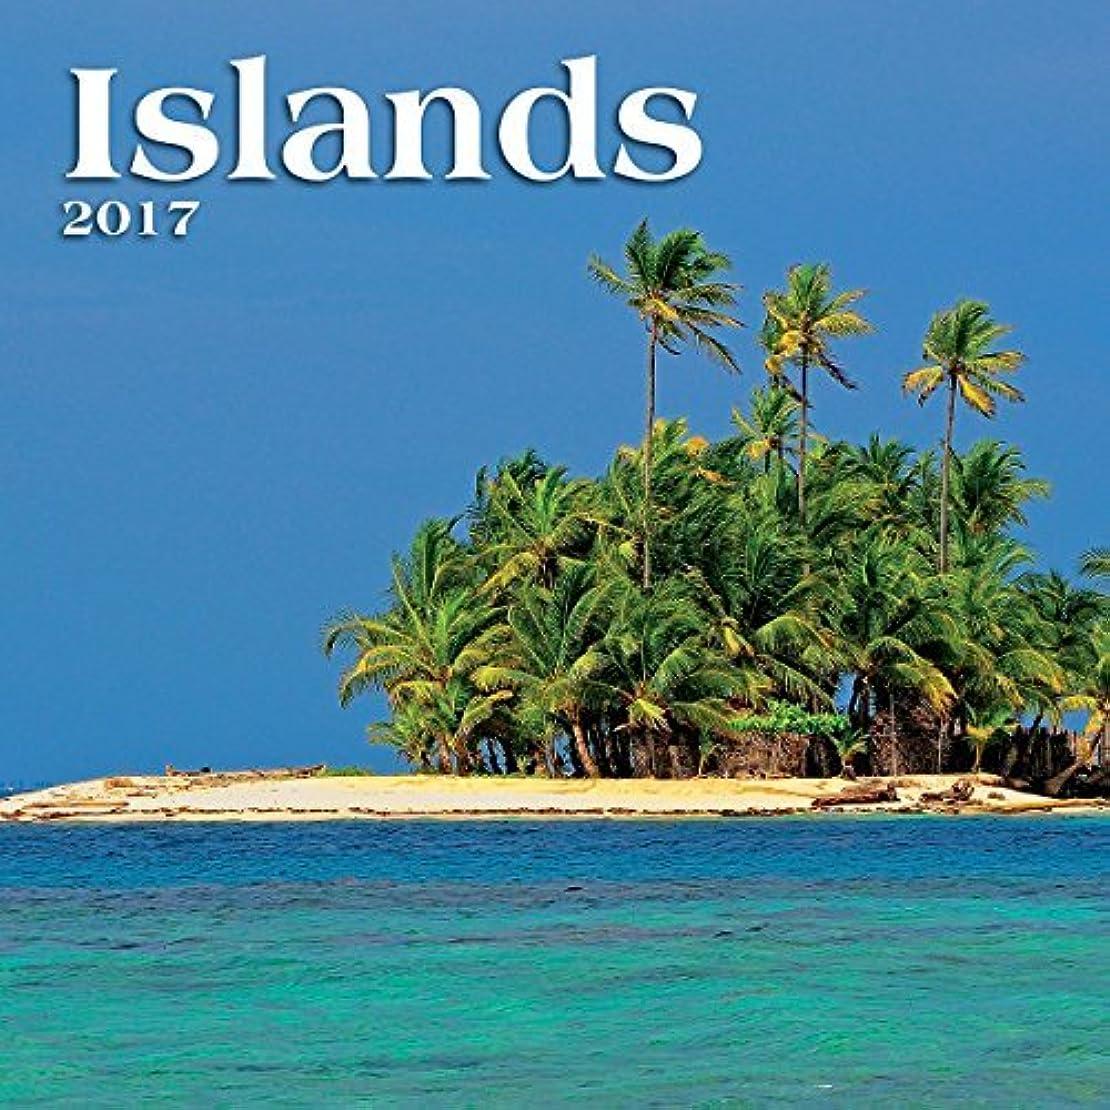 迷路に対処するTurner Photo 2017 Islands Photo Mini Wall Calendar 7 x 14 inches Opened (17998950009) [並行輸入品]